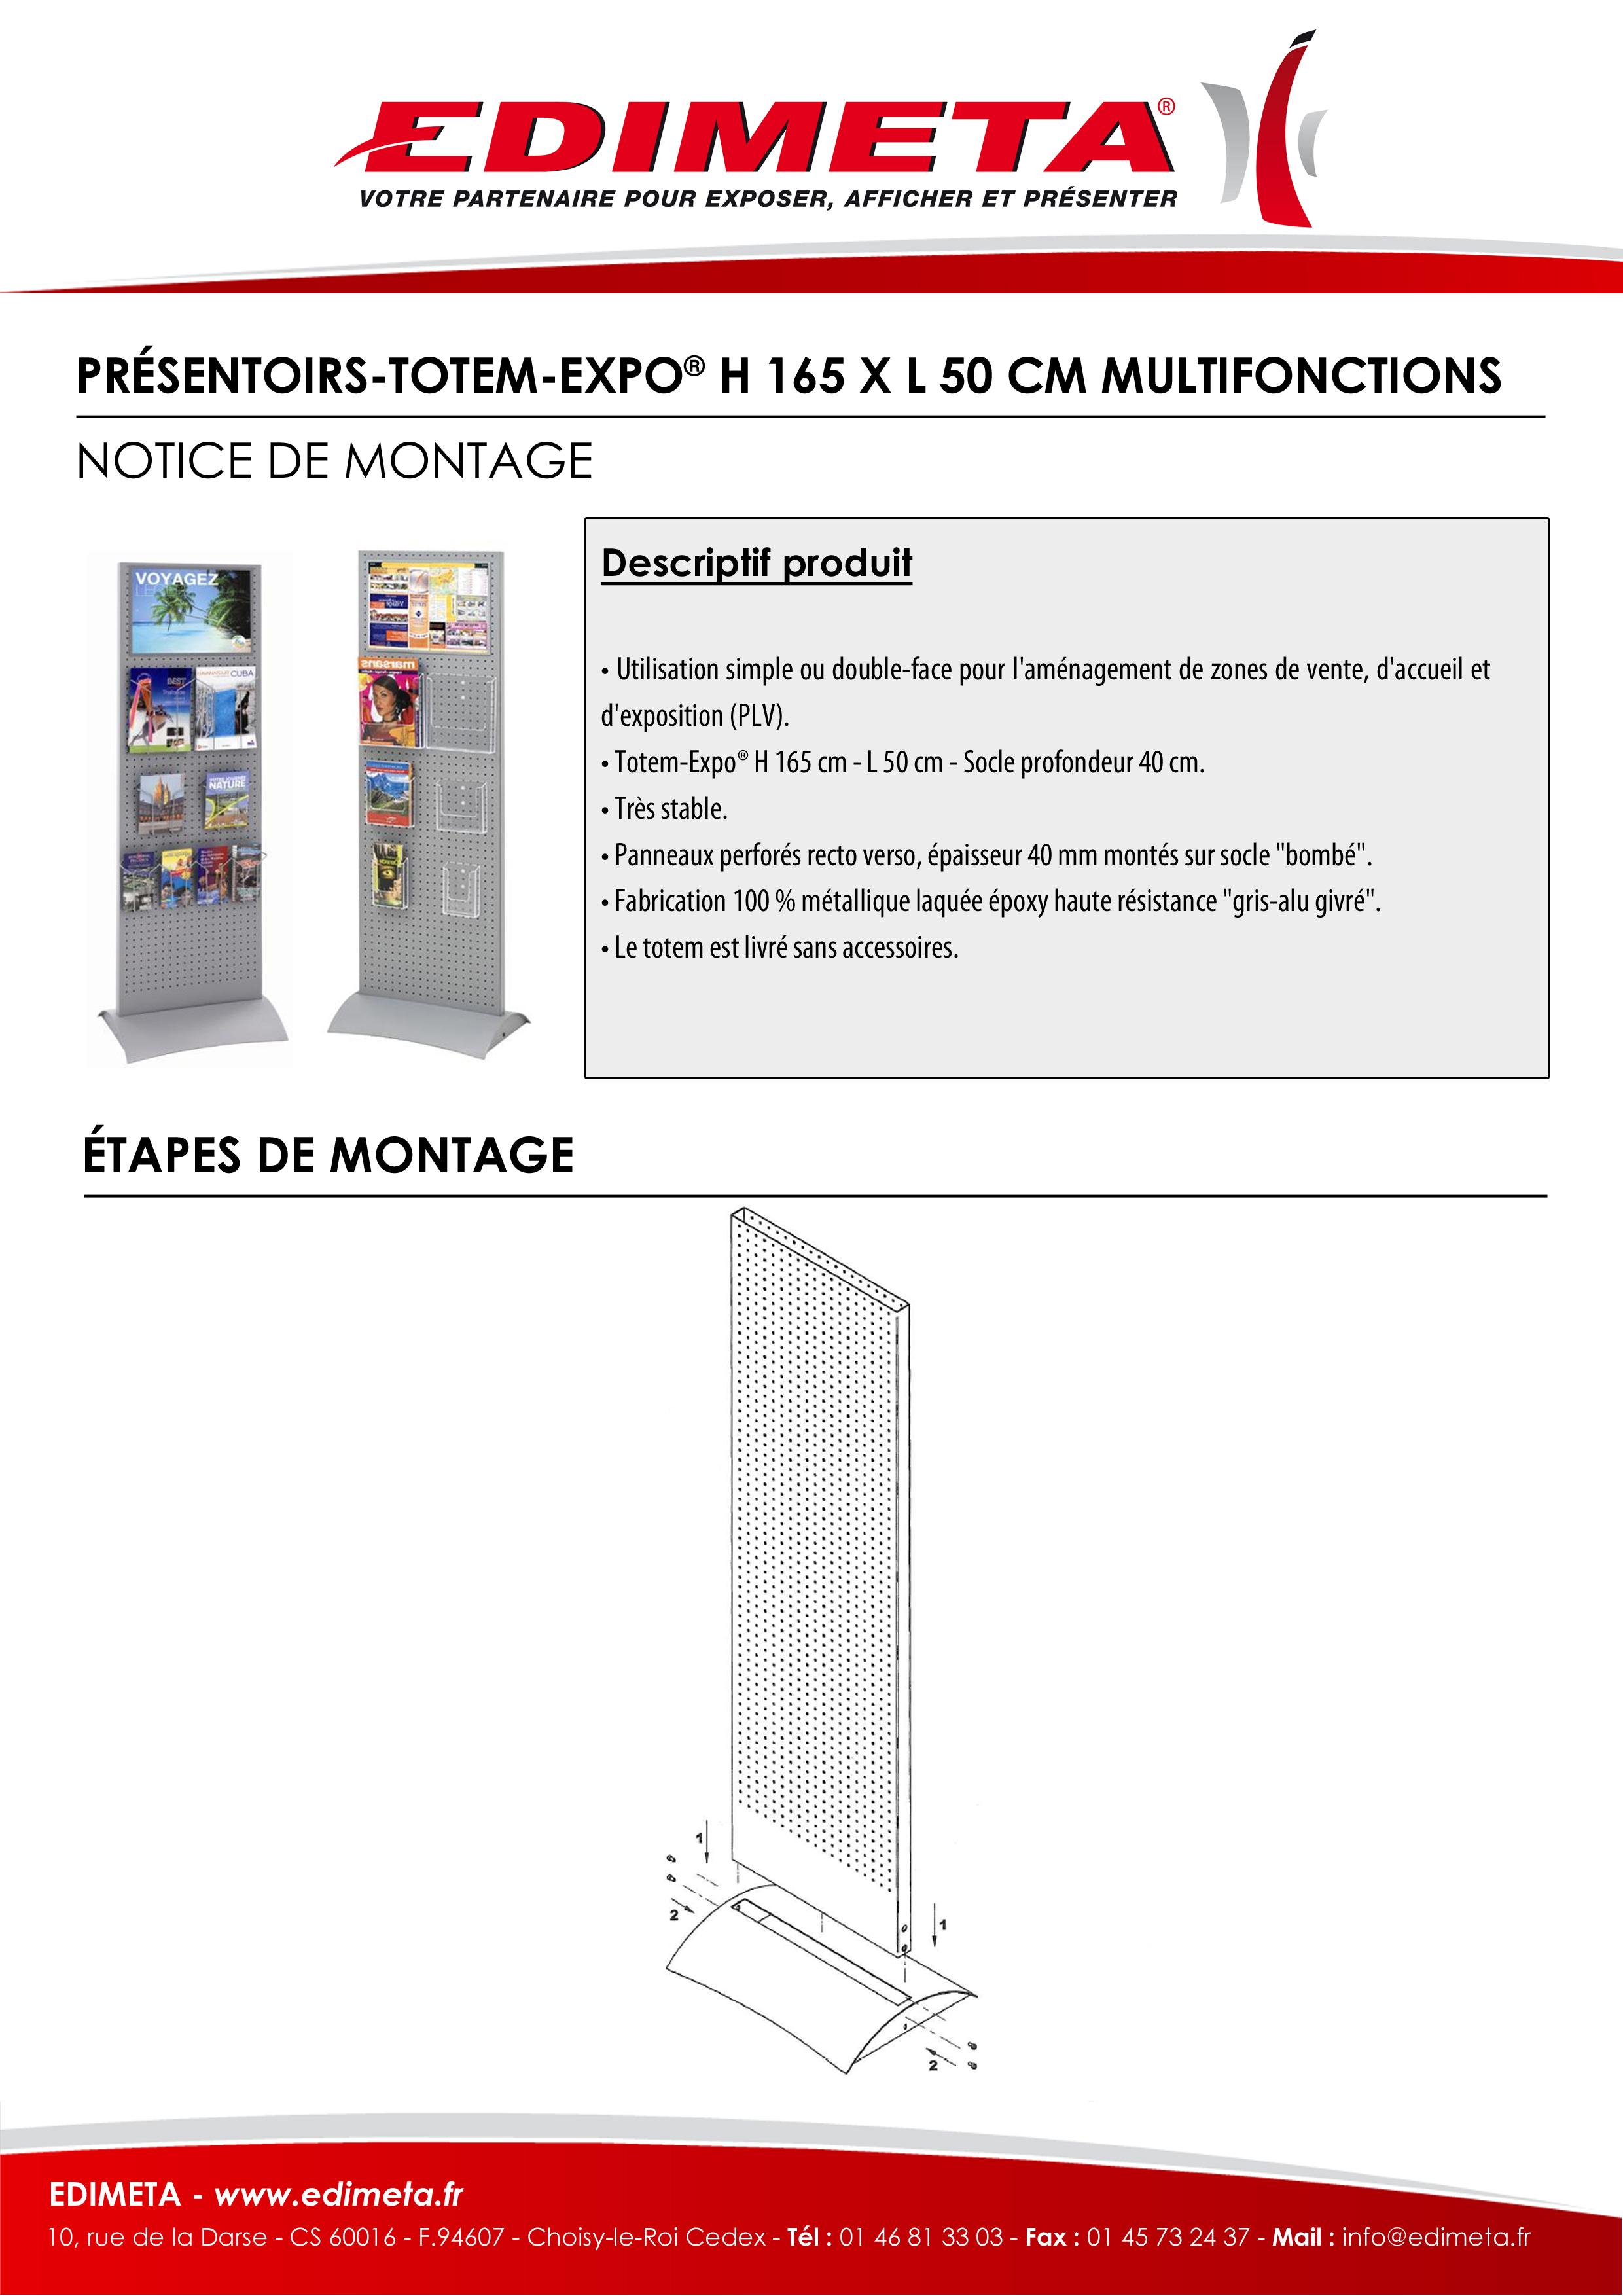 NOTICE DE MONTAGE : PRÉSENTOIRS-TOTEM-EXPO® H 165 X L 50 CM MULTIFONCTIONS